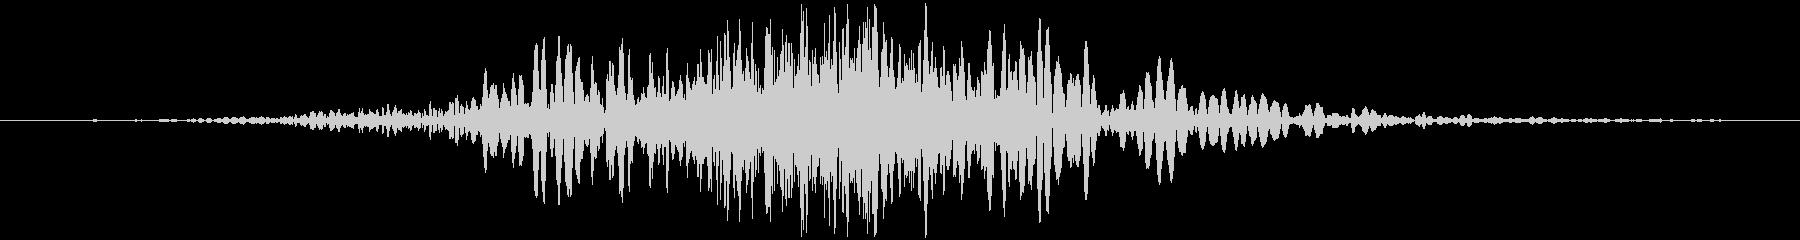 斬撃 ファイヤーノイズブラストラージ01の未再生の波形